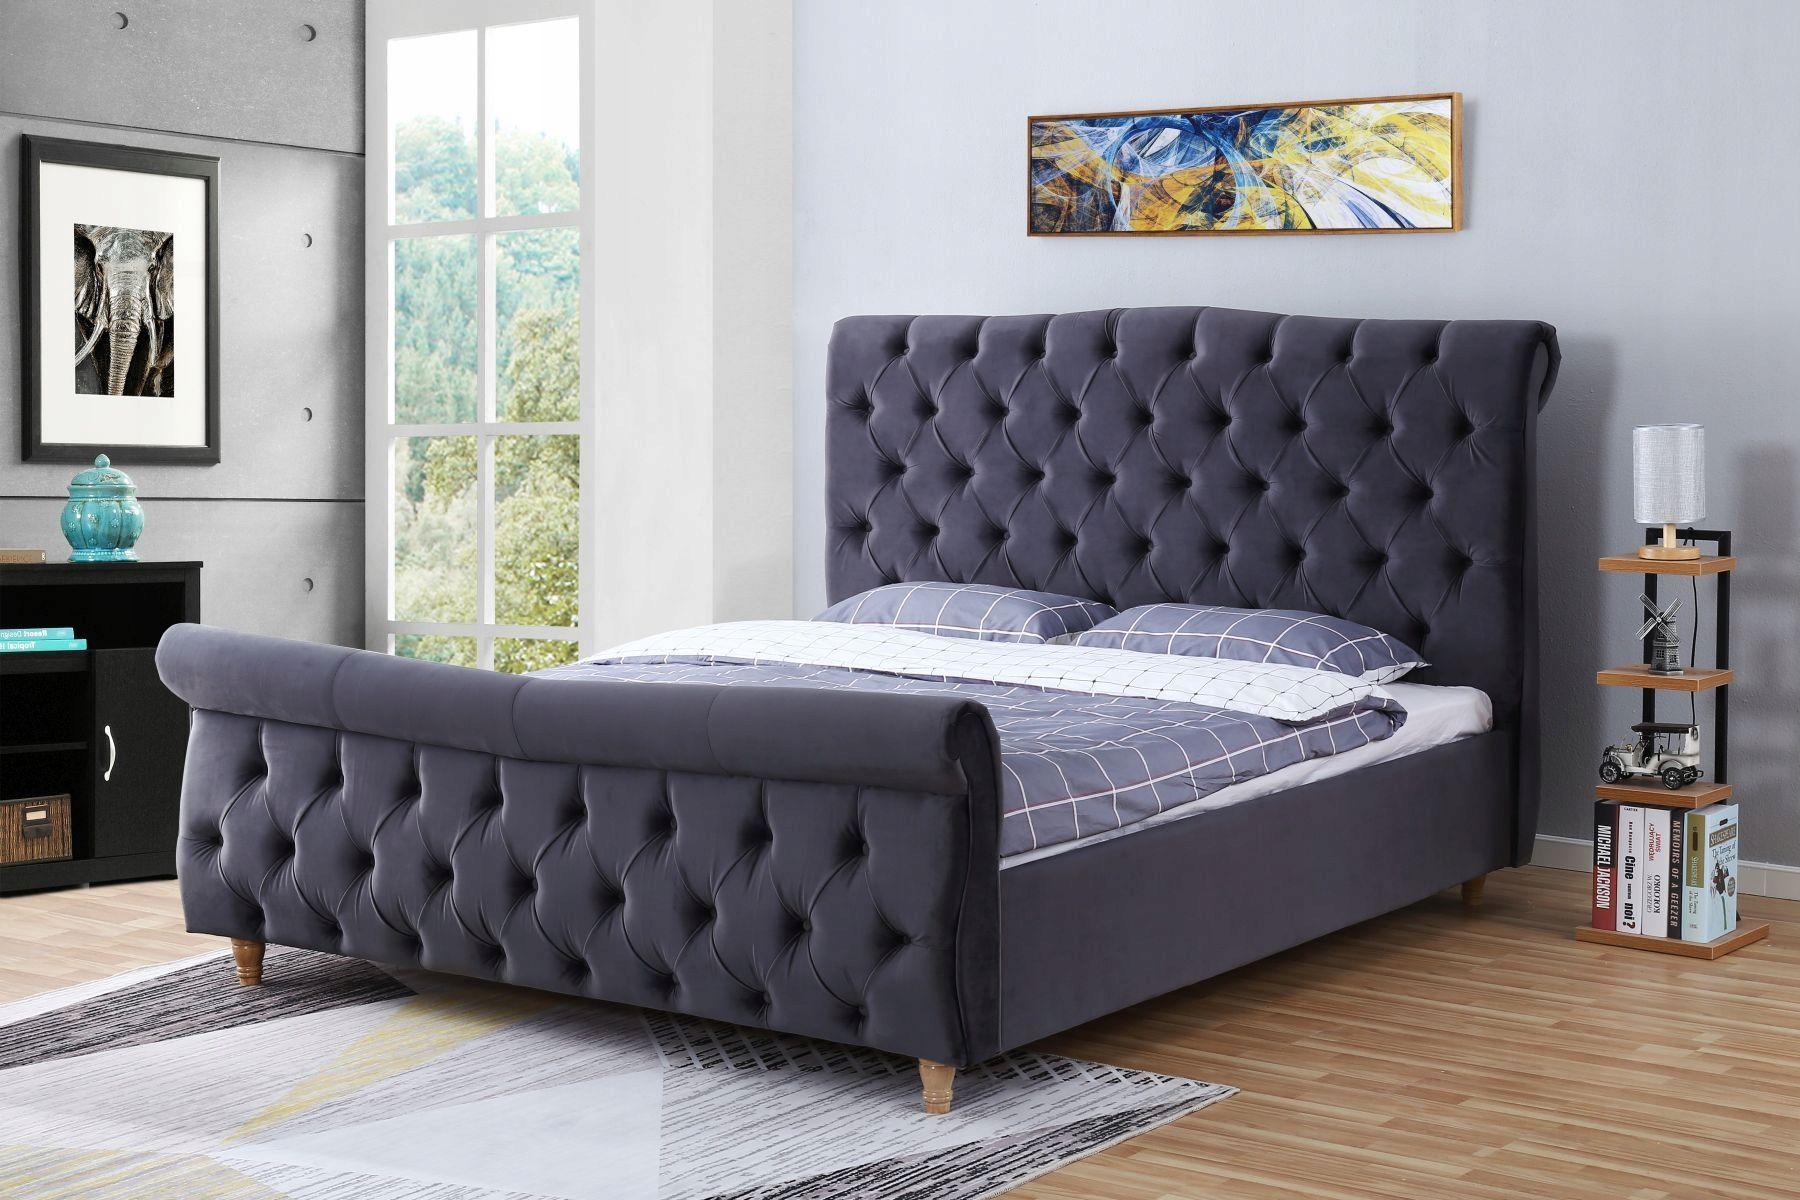 łóżko Tapicerowane Do Sypialni 1304 160x200 In 2019